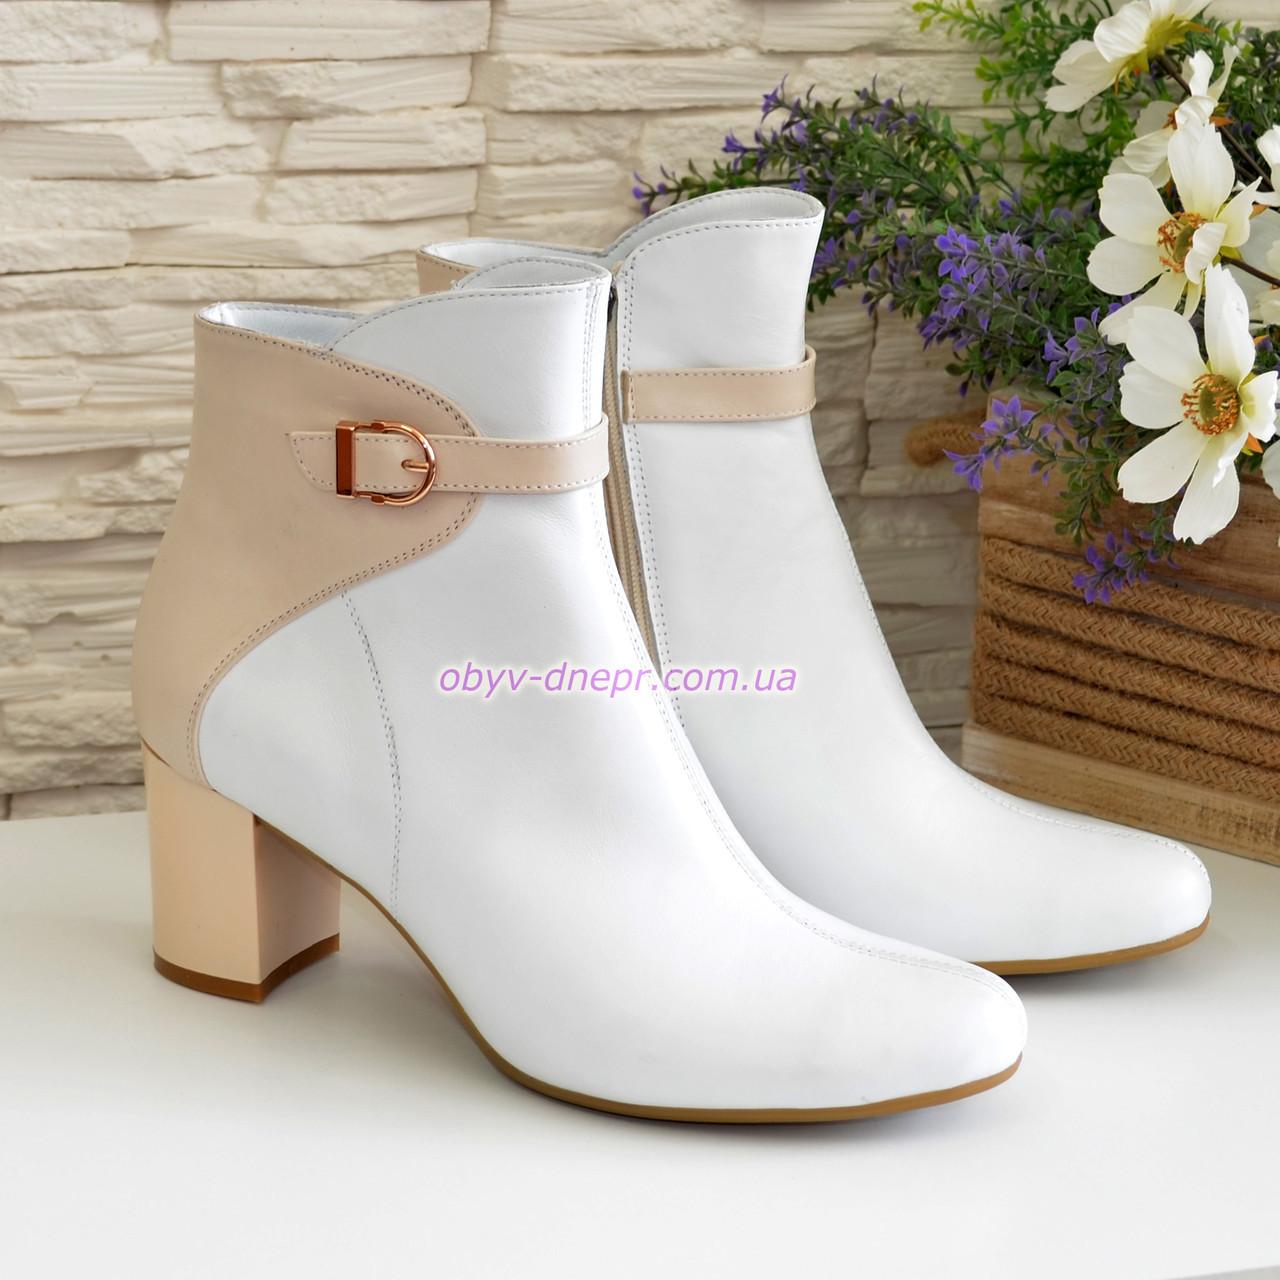 Женские кожаные демисезонные ботинки на невысоком каблуке, цвет белый/бежевый